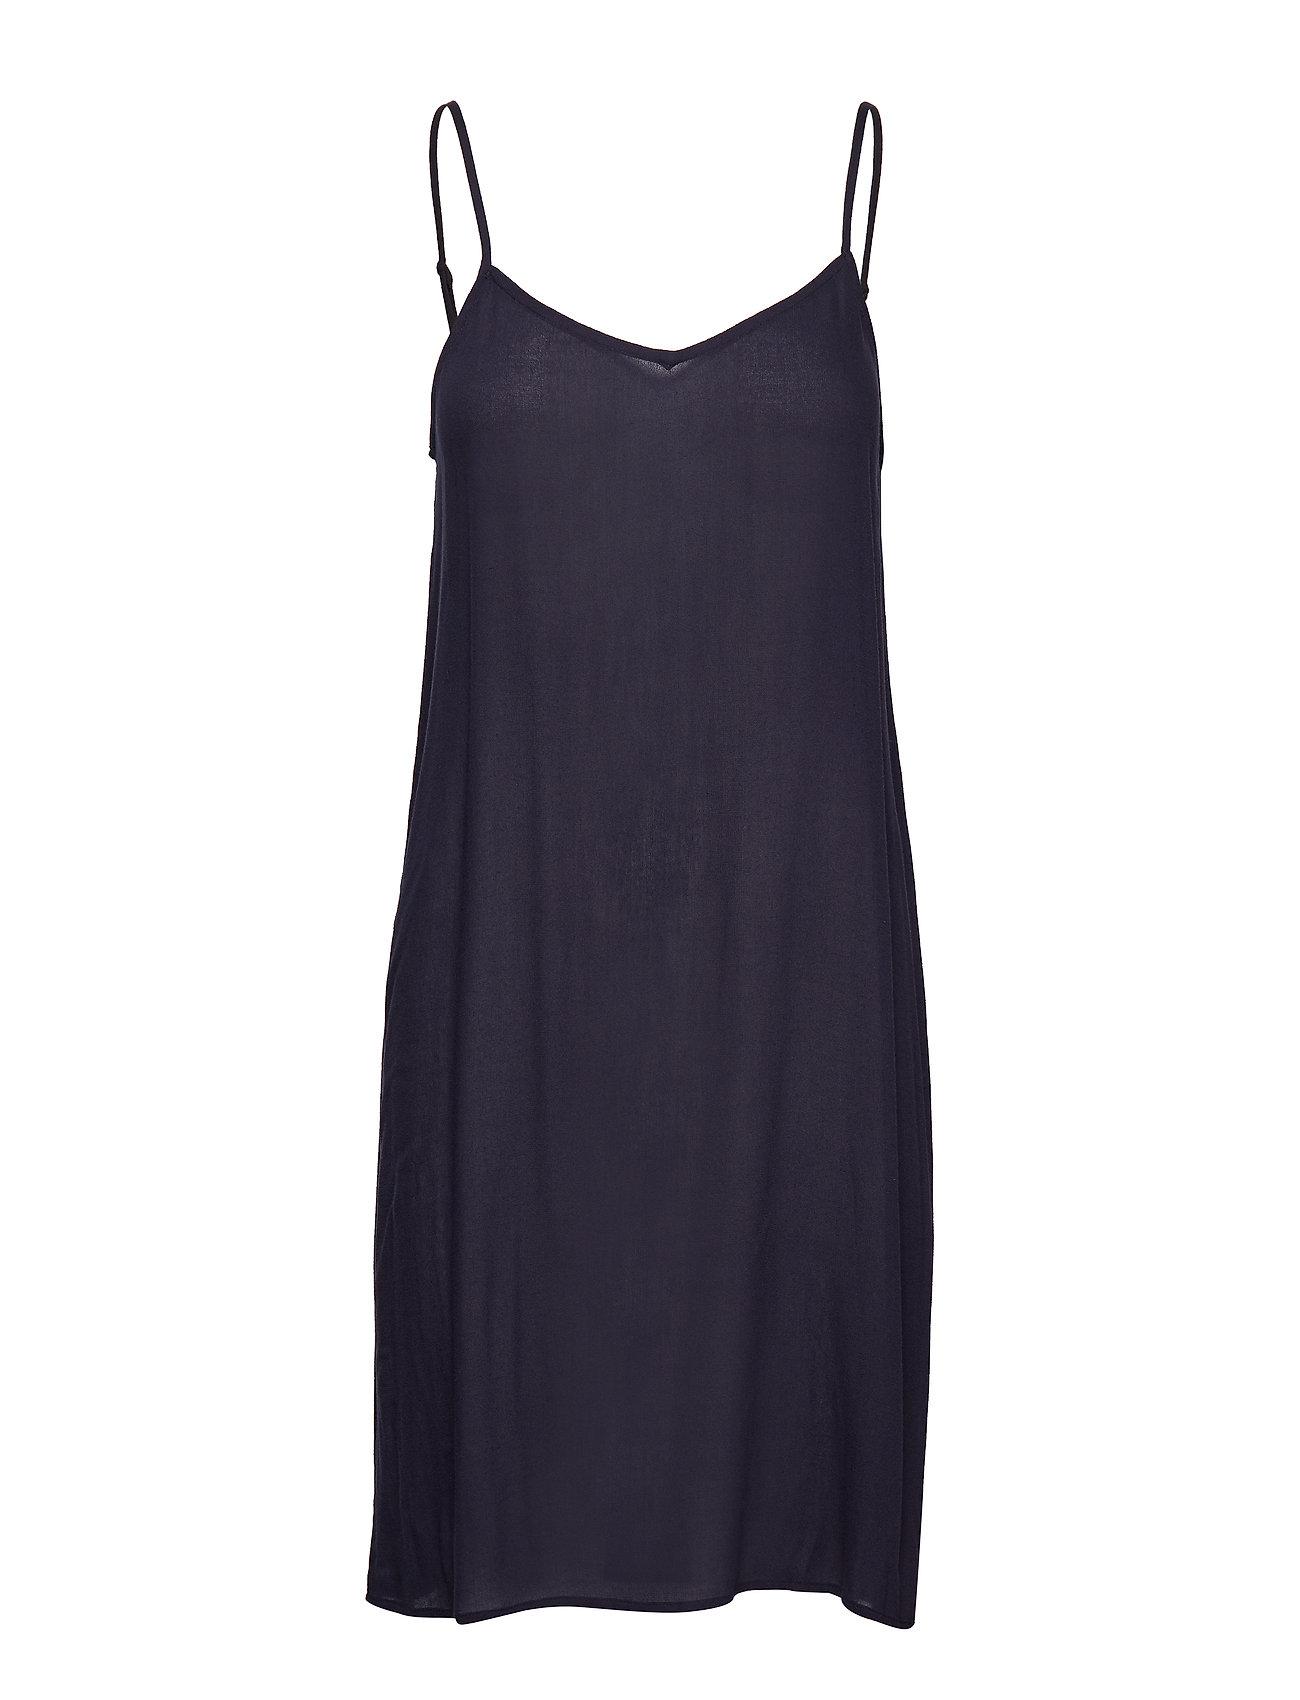 9695point Shirt Dress Aop NightSamsøeamp; Elm Pk8nw0O